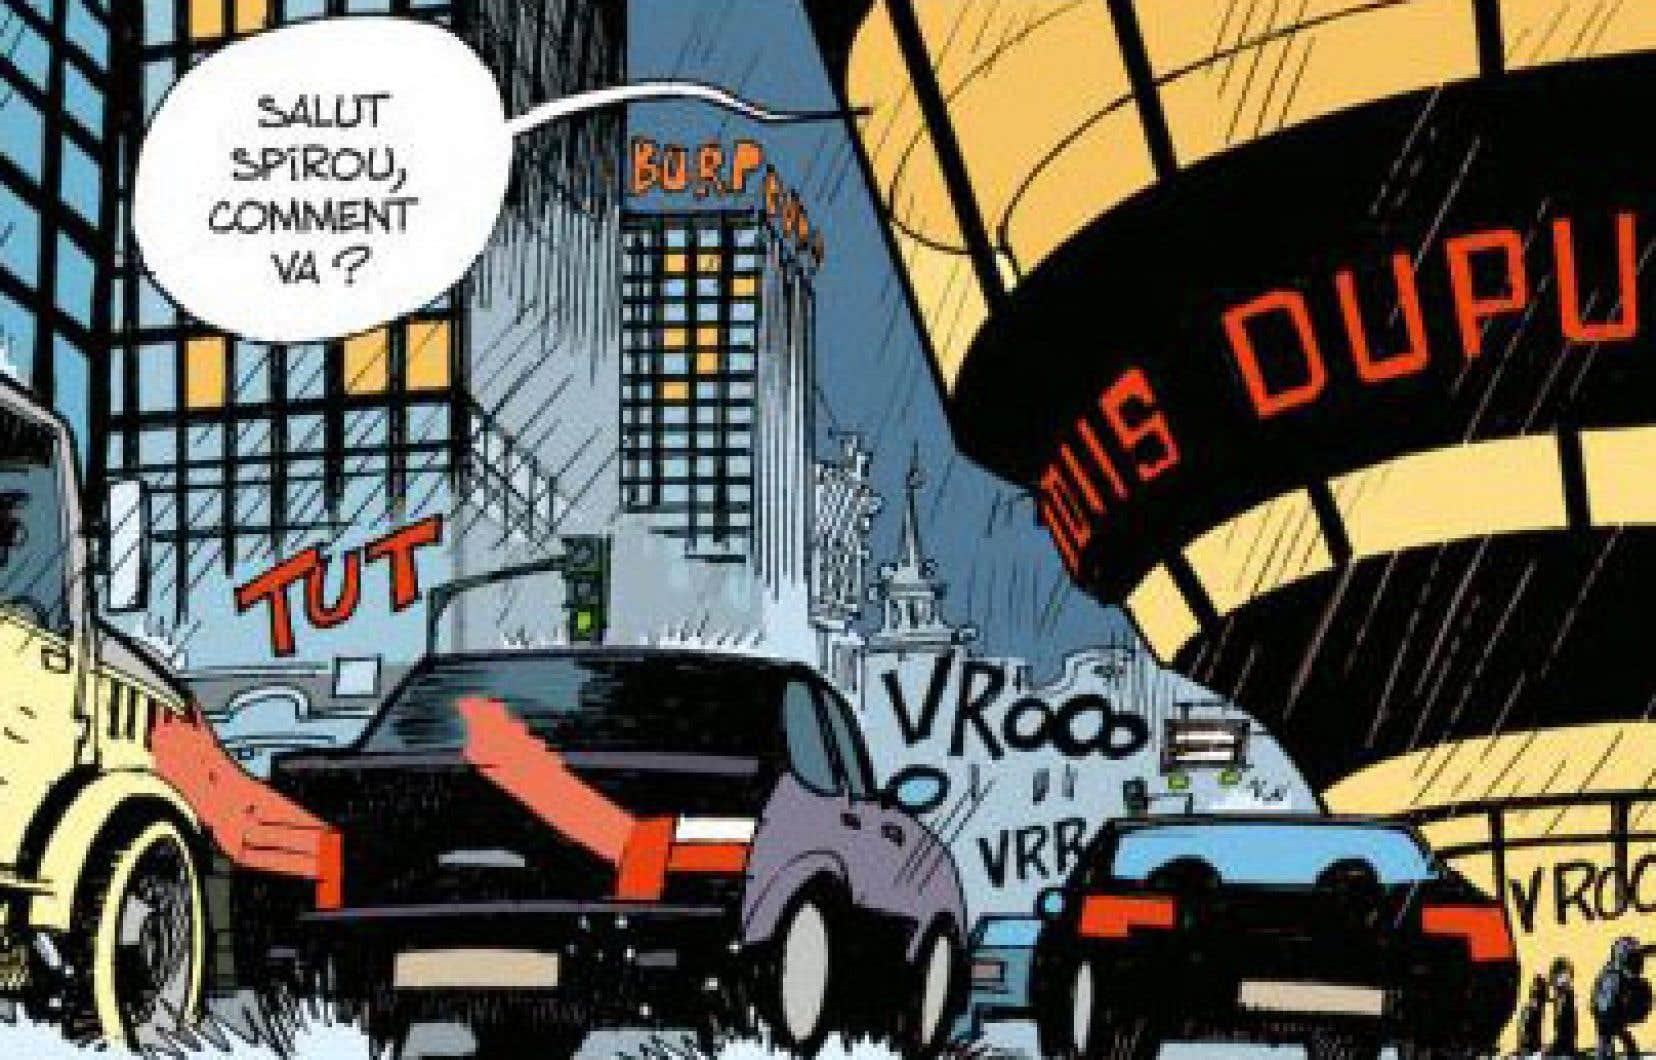 Depuis 10 ans, Yoann et Velhmann sont les repreneurs des aventures de Spirou et Fantasio. Le dernier paru, «La colère du Marsupilami», a été événementiel.